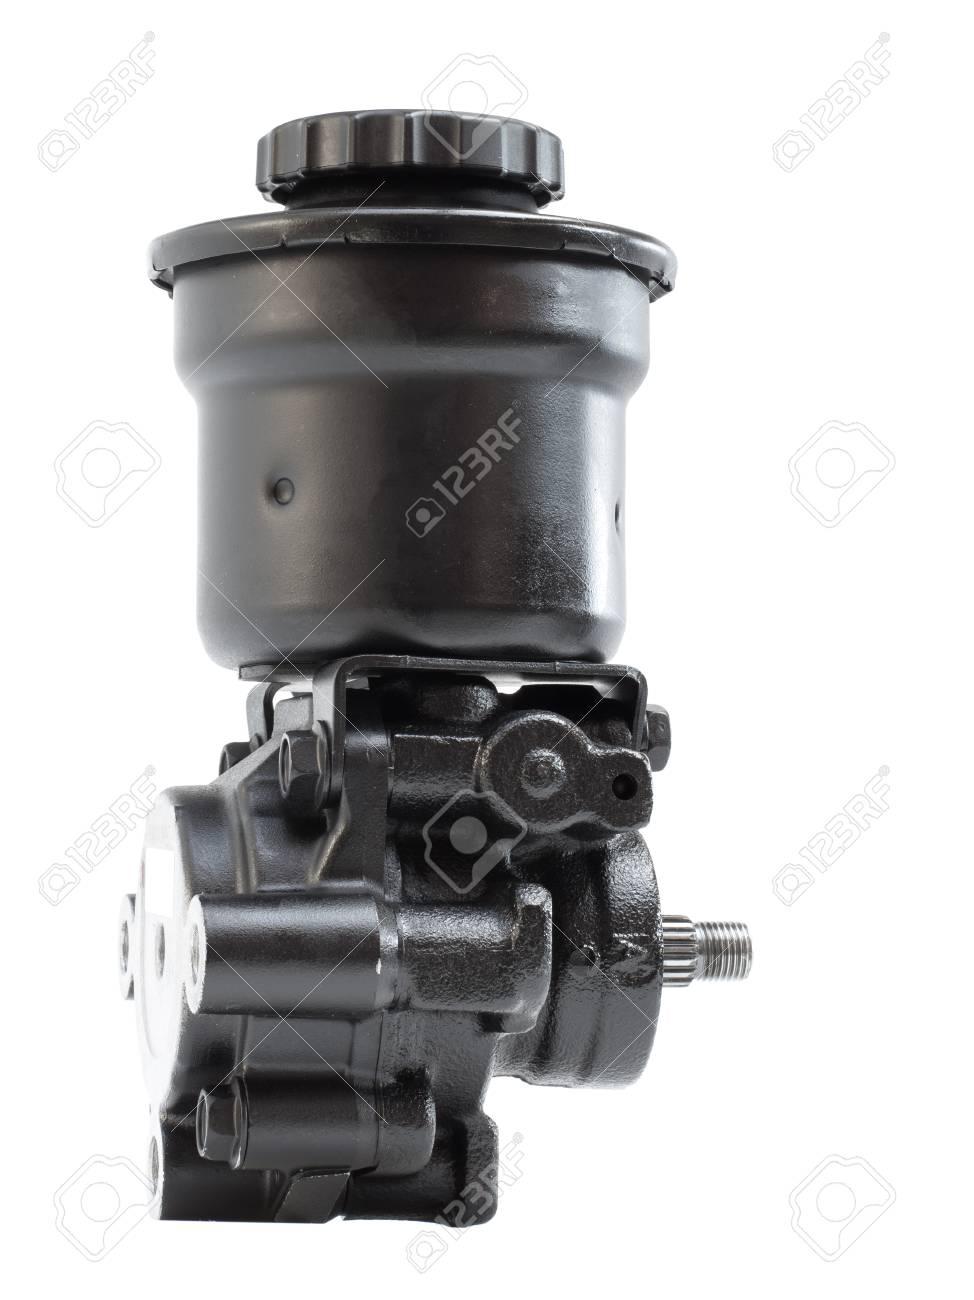 Power Steering Pump Tanks - Get Rid Of Wiring Diagram Problem